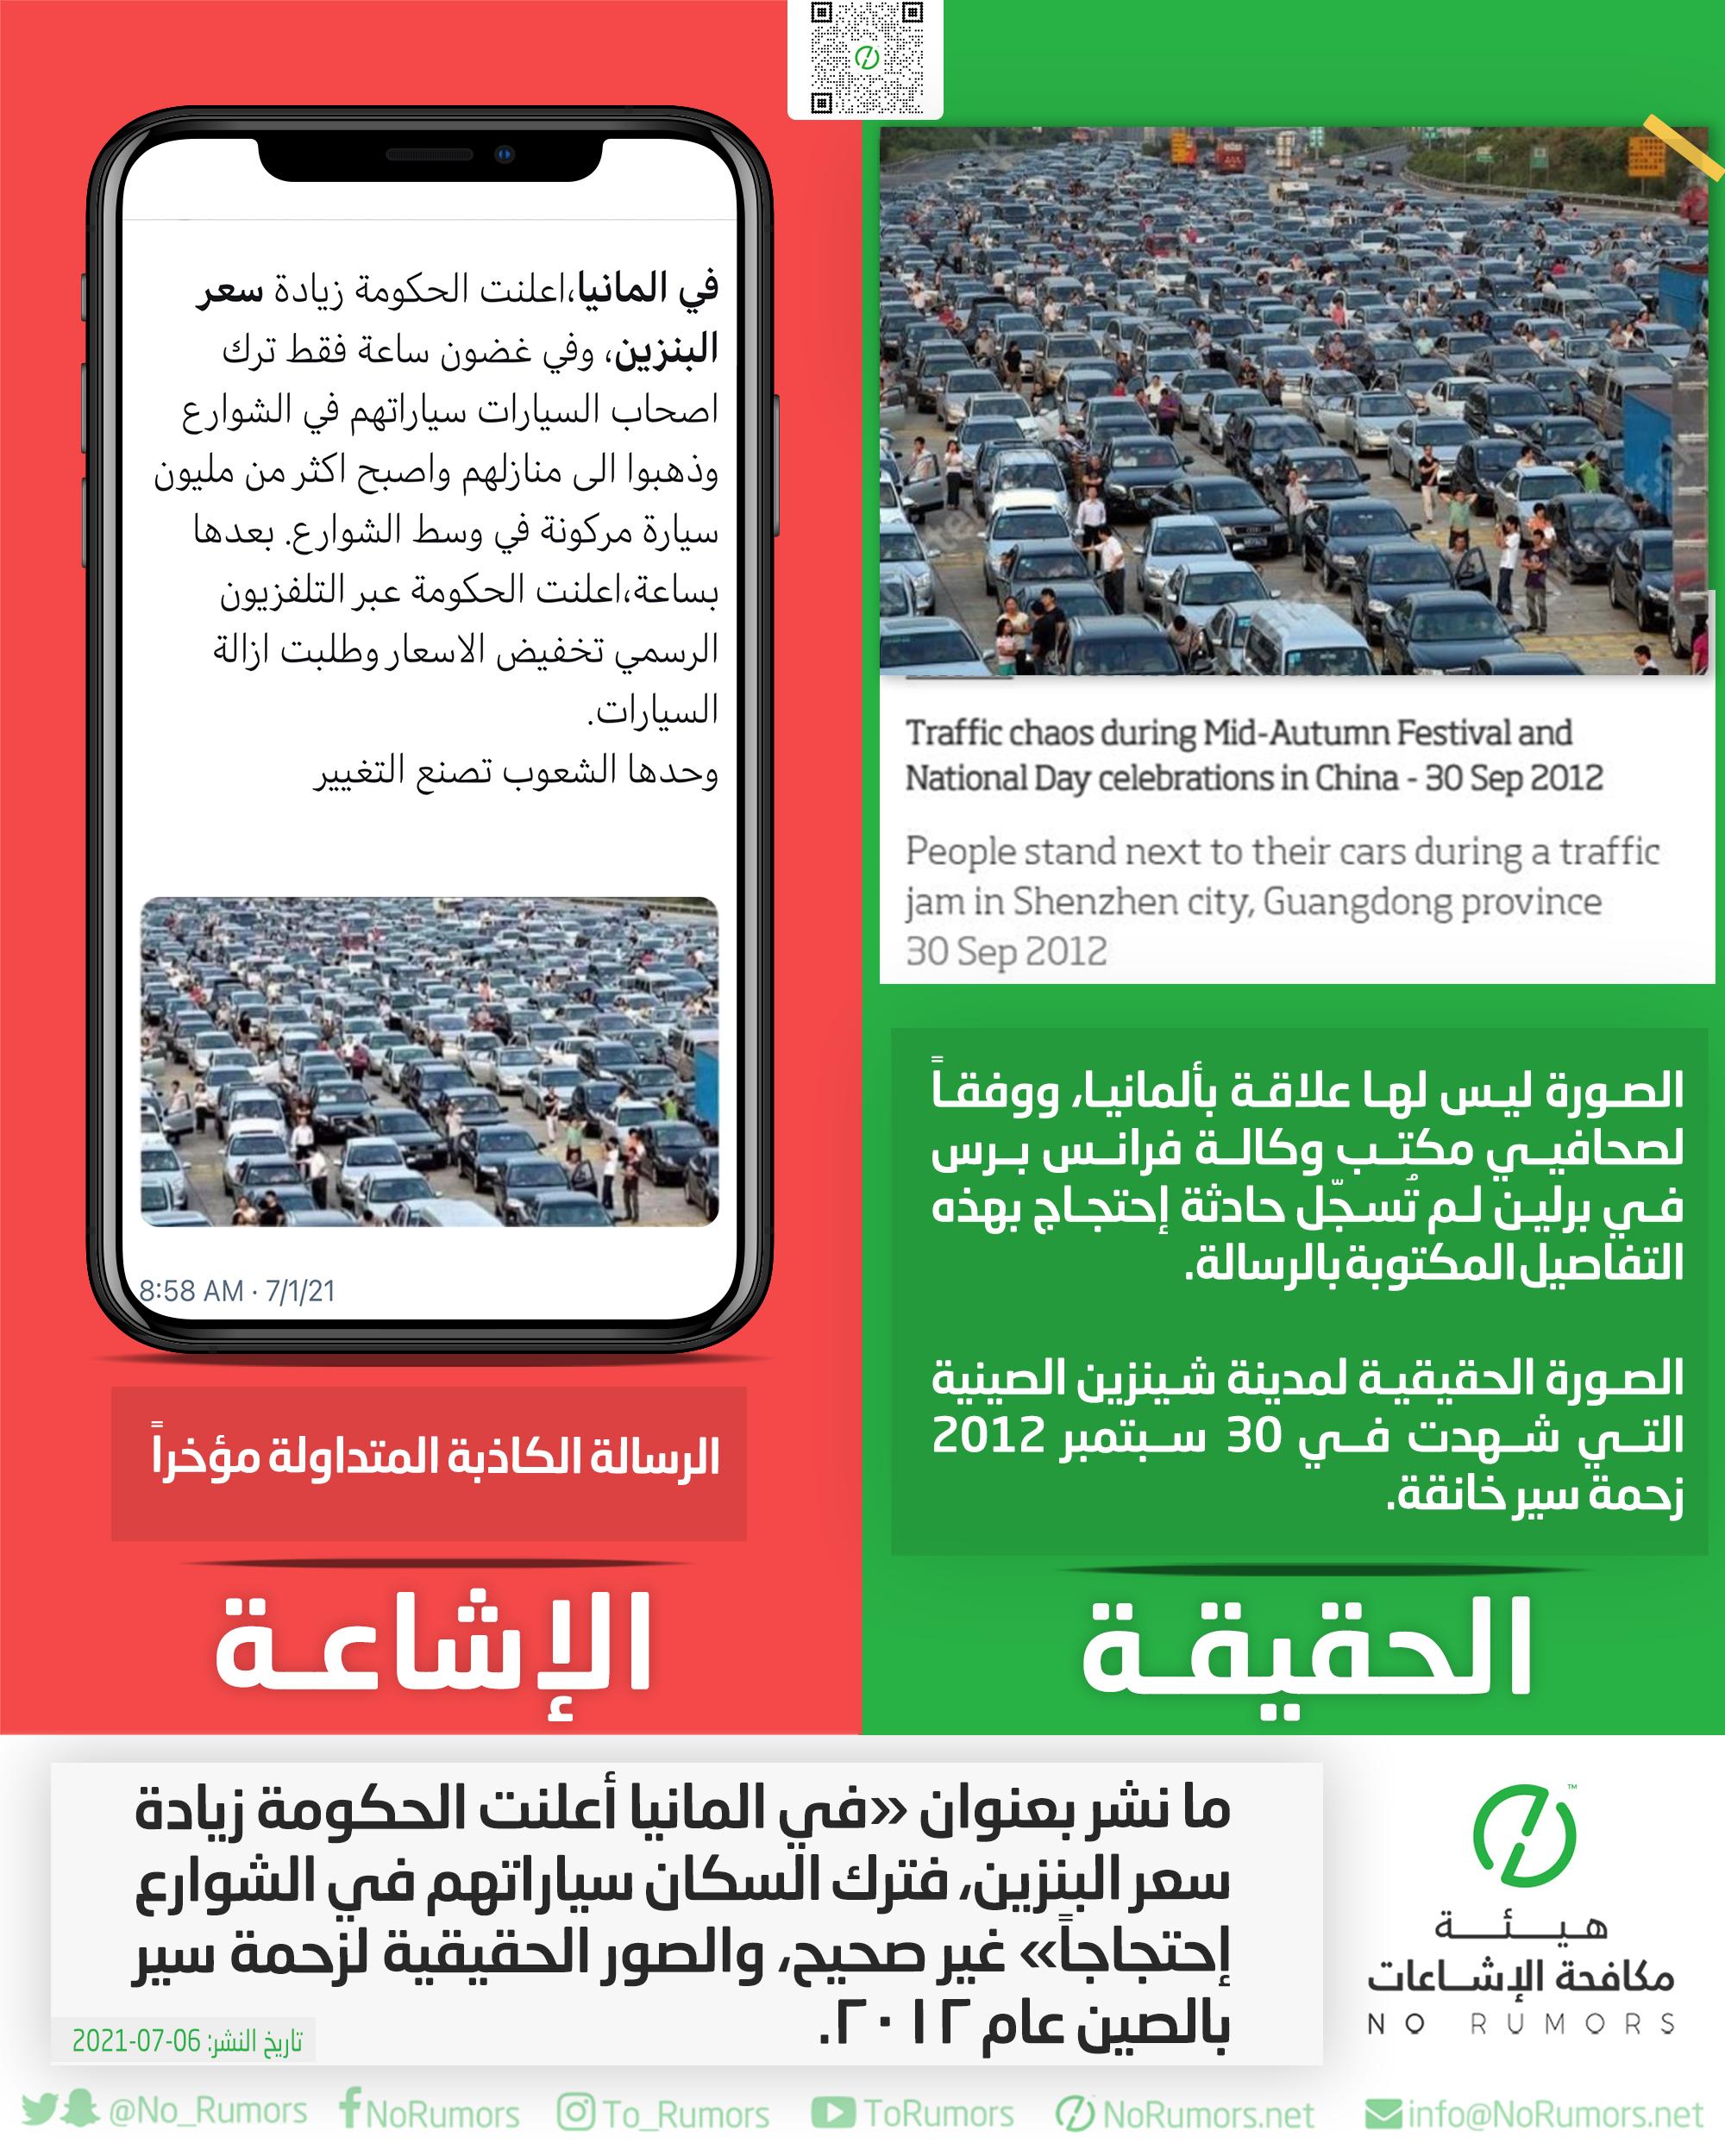 حقيقة ما نشر بعنوان «في المانيا أعلنت الحكومة زيادة سعر البنزين، فترك السكان سياراتهم في الشوارع إحتجاجاً»